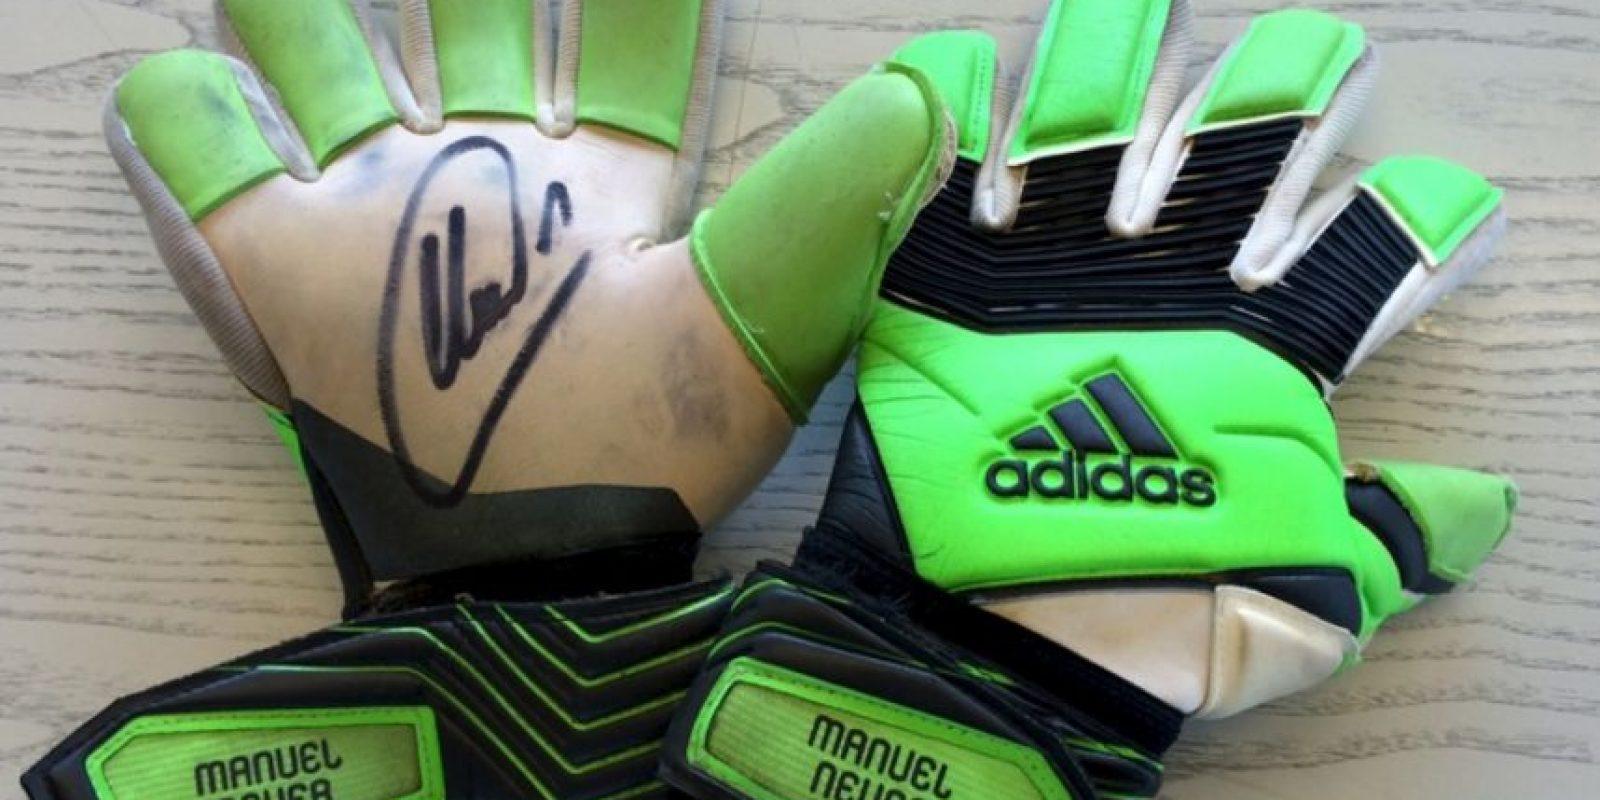 El portero alemán firmó sus guantes. Foto:unitedcharity.de